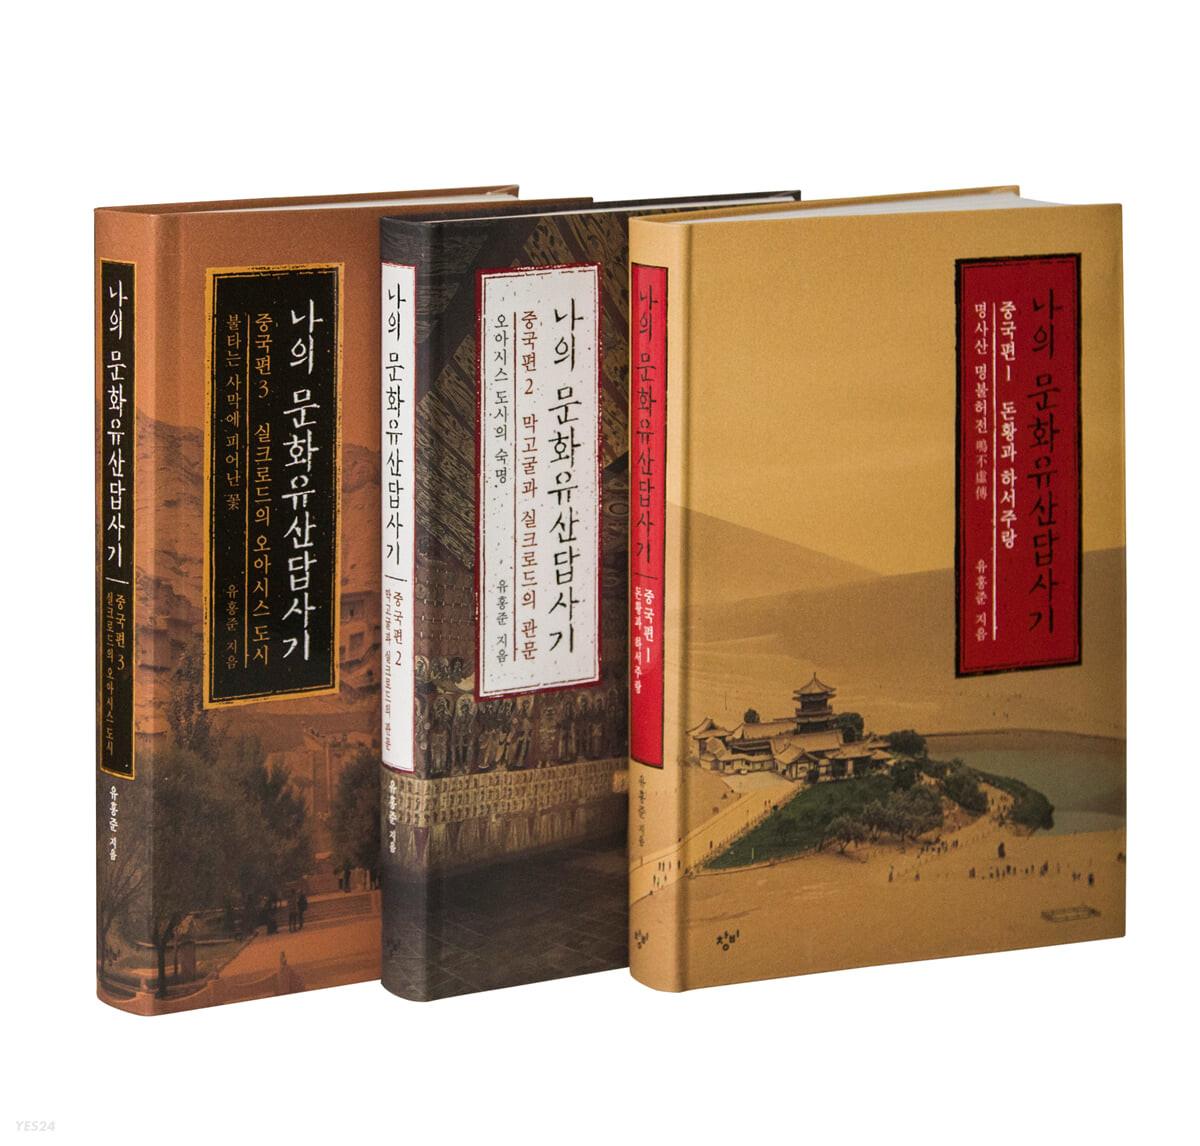 나의 문화유산답사기 중국 실크로드편 세트